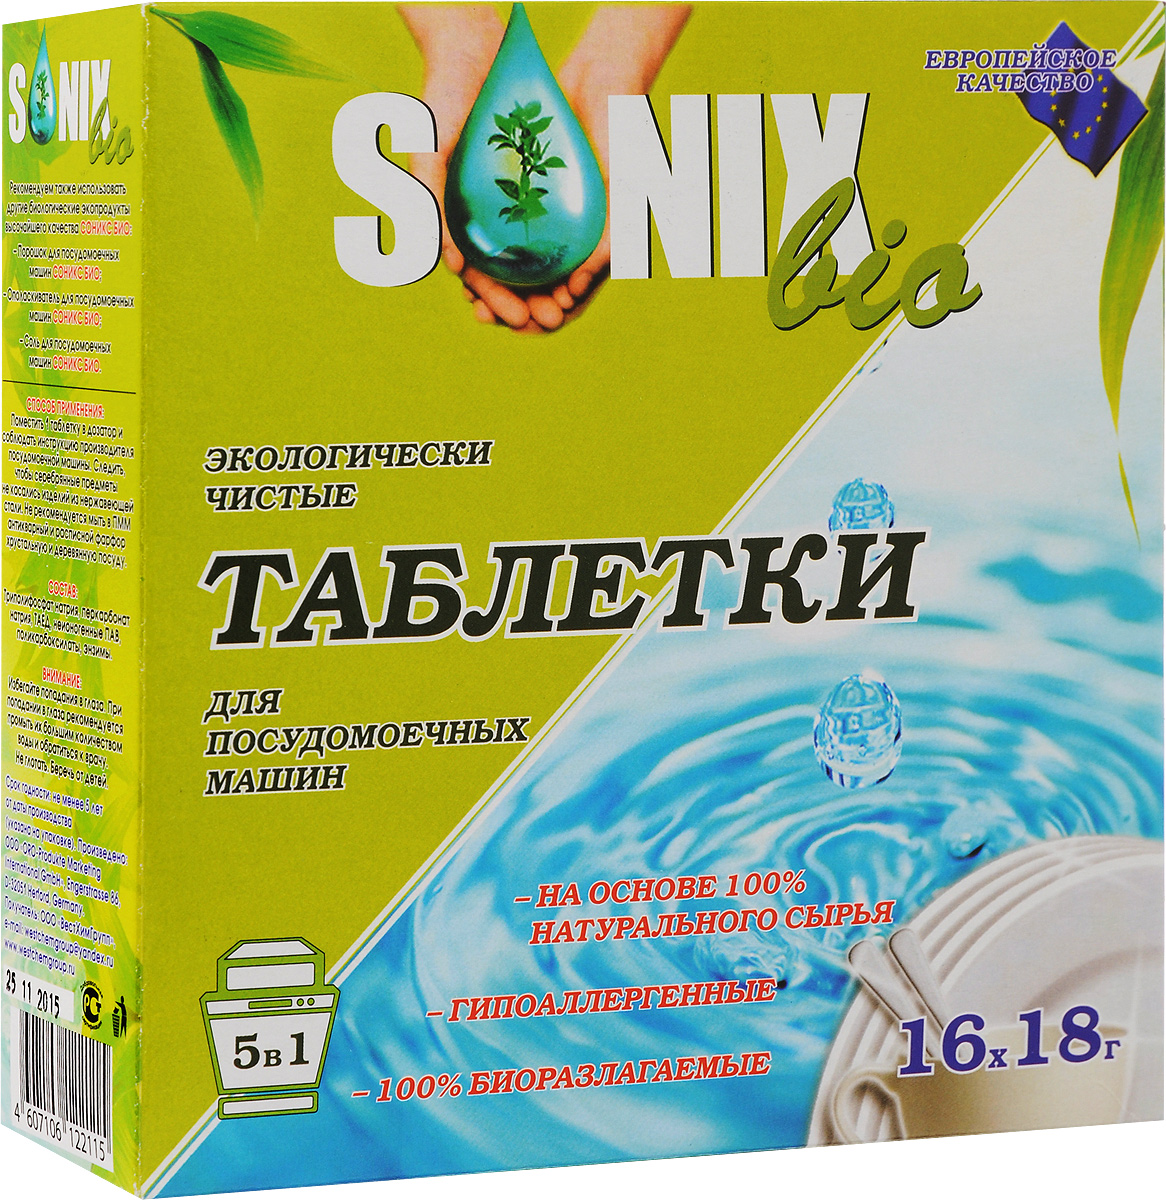 Таблетки для посудомоечных машин SonixBio 5 в 1, 16 шт х 18 г122115Таблетки SonixBio 5 в 1 способны к биологическому разложению. Упаковка подлежит переработке во вторичное сырье. Таблетки предназначены для мытья посуды в посудомоечных машинах любого типа и производителя. Благодаря кислороду и тщательно подобранным 100% натуральным активным компонентам, таблетки основательно, но в то же время деликатно, не повреждая посуду и рисунок на ней, растворяют любые, даже самые стойкие загрязнения и остатки пищи. Очищают тщательно и эффективно с помощью веществ, не наносящих вреда человеку и окружающей среде.Состав: триполифосфат натрия, перкарбонат натрия, ТАЕД, неионогенные ПАВ, поликарбоксилаты, энзимы.Вес одной таблетки: 18 г.Товар сертифицирован.Как выбрать качественную бытовую химию, безопасную для природы и людей. Статья OZON Гид